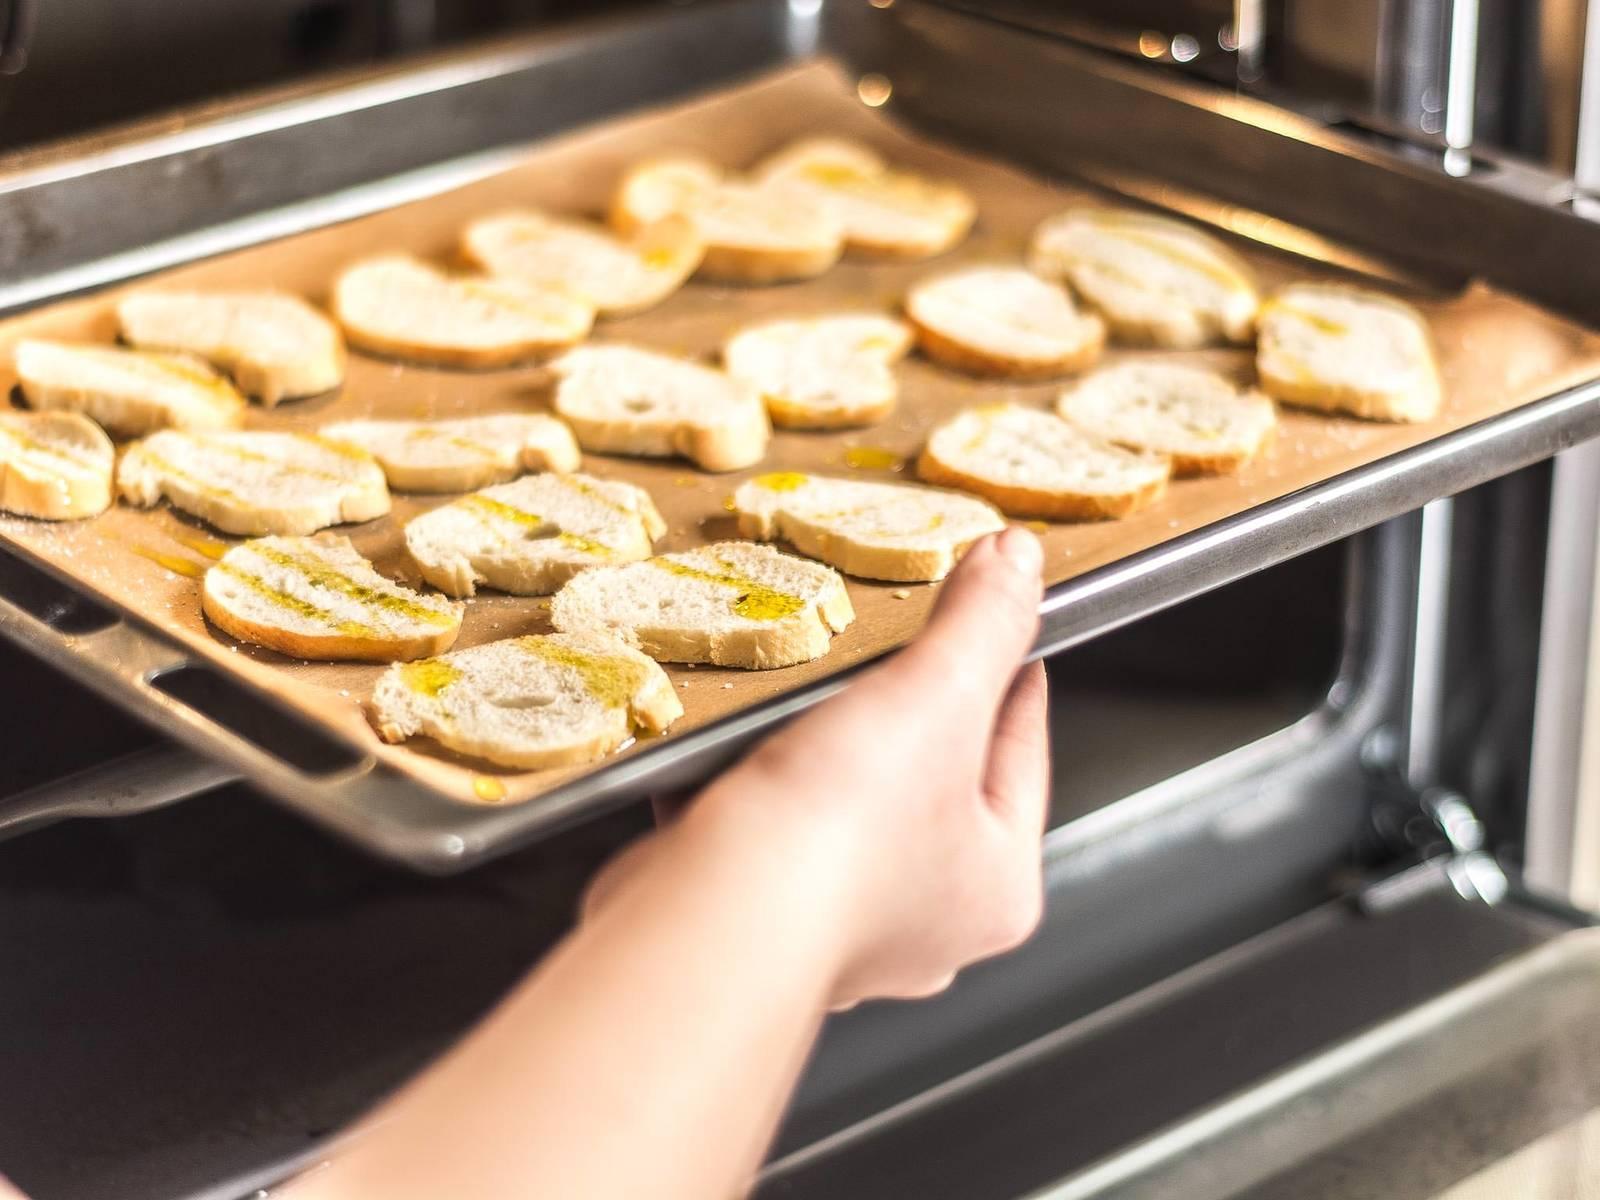 然后在面包片上淋上橄榄油,放入预热好的烤箱内,以180摄氏度烘烤5-7分钟,至面包焦黄。